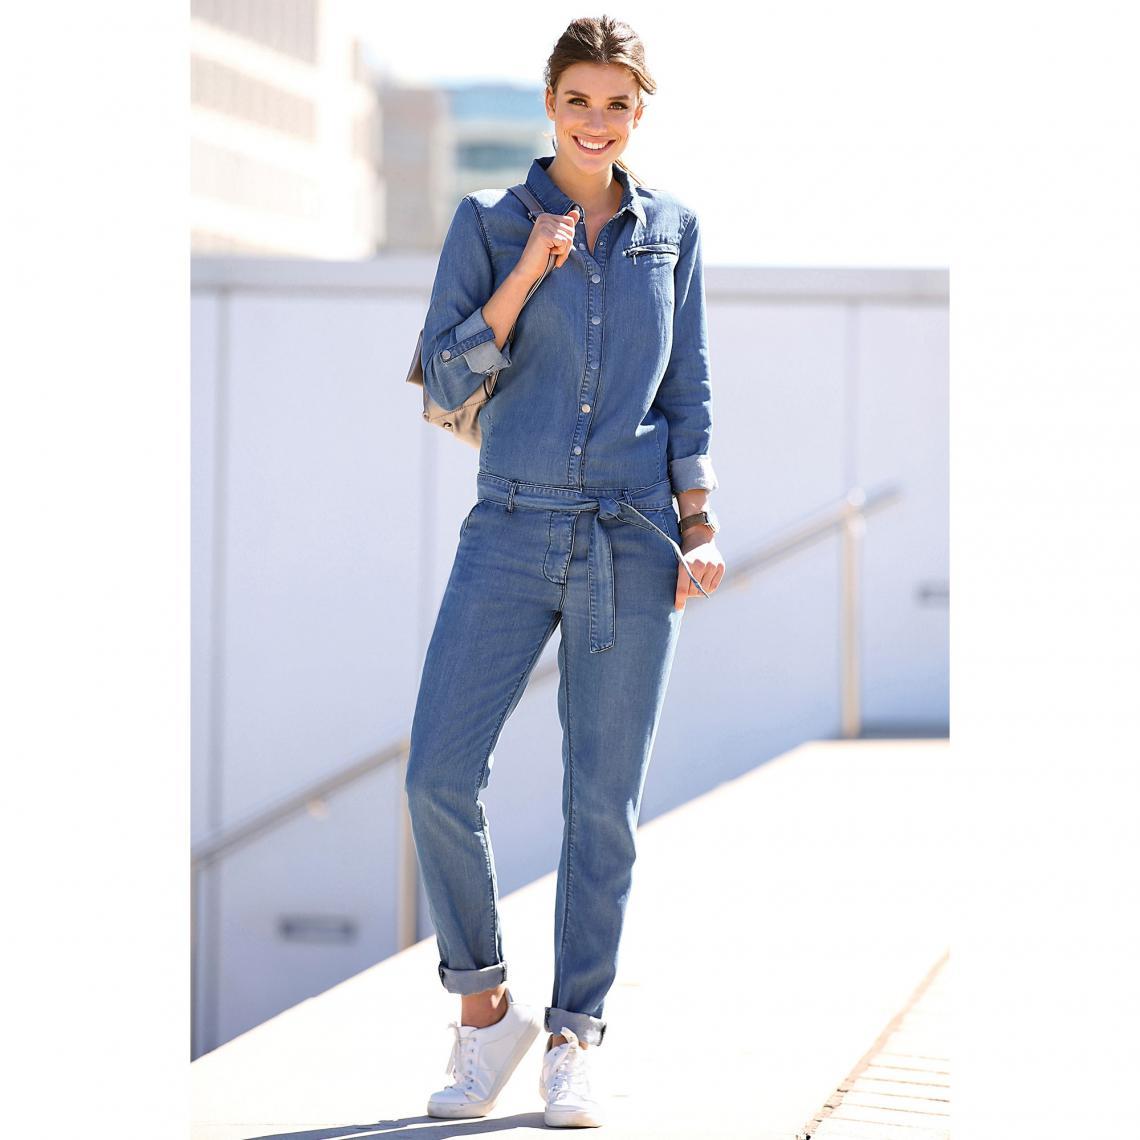 la moitié 2dfd1 18a33 Combinaison en jean manches longues et ceinture femme - Bleu ...